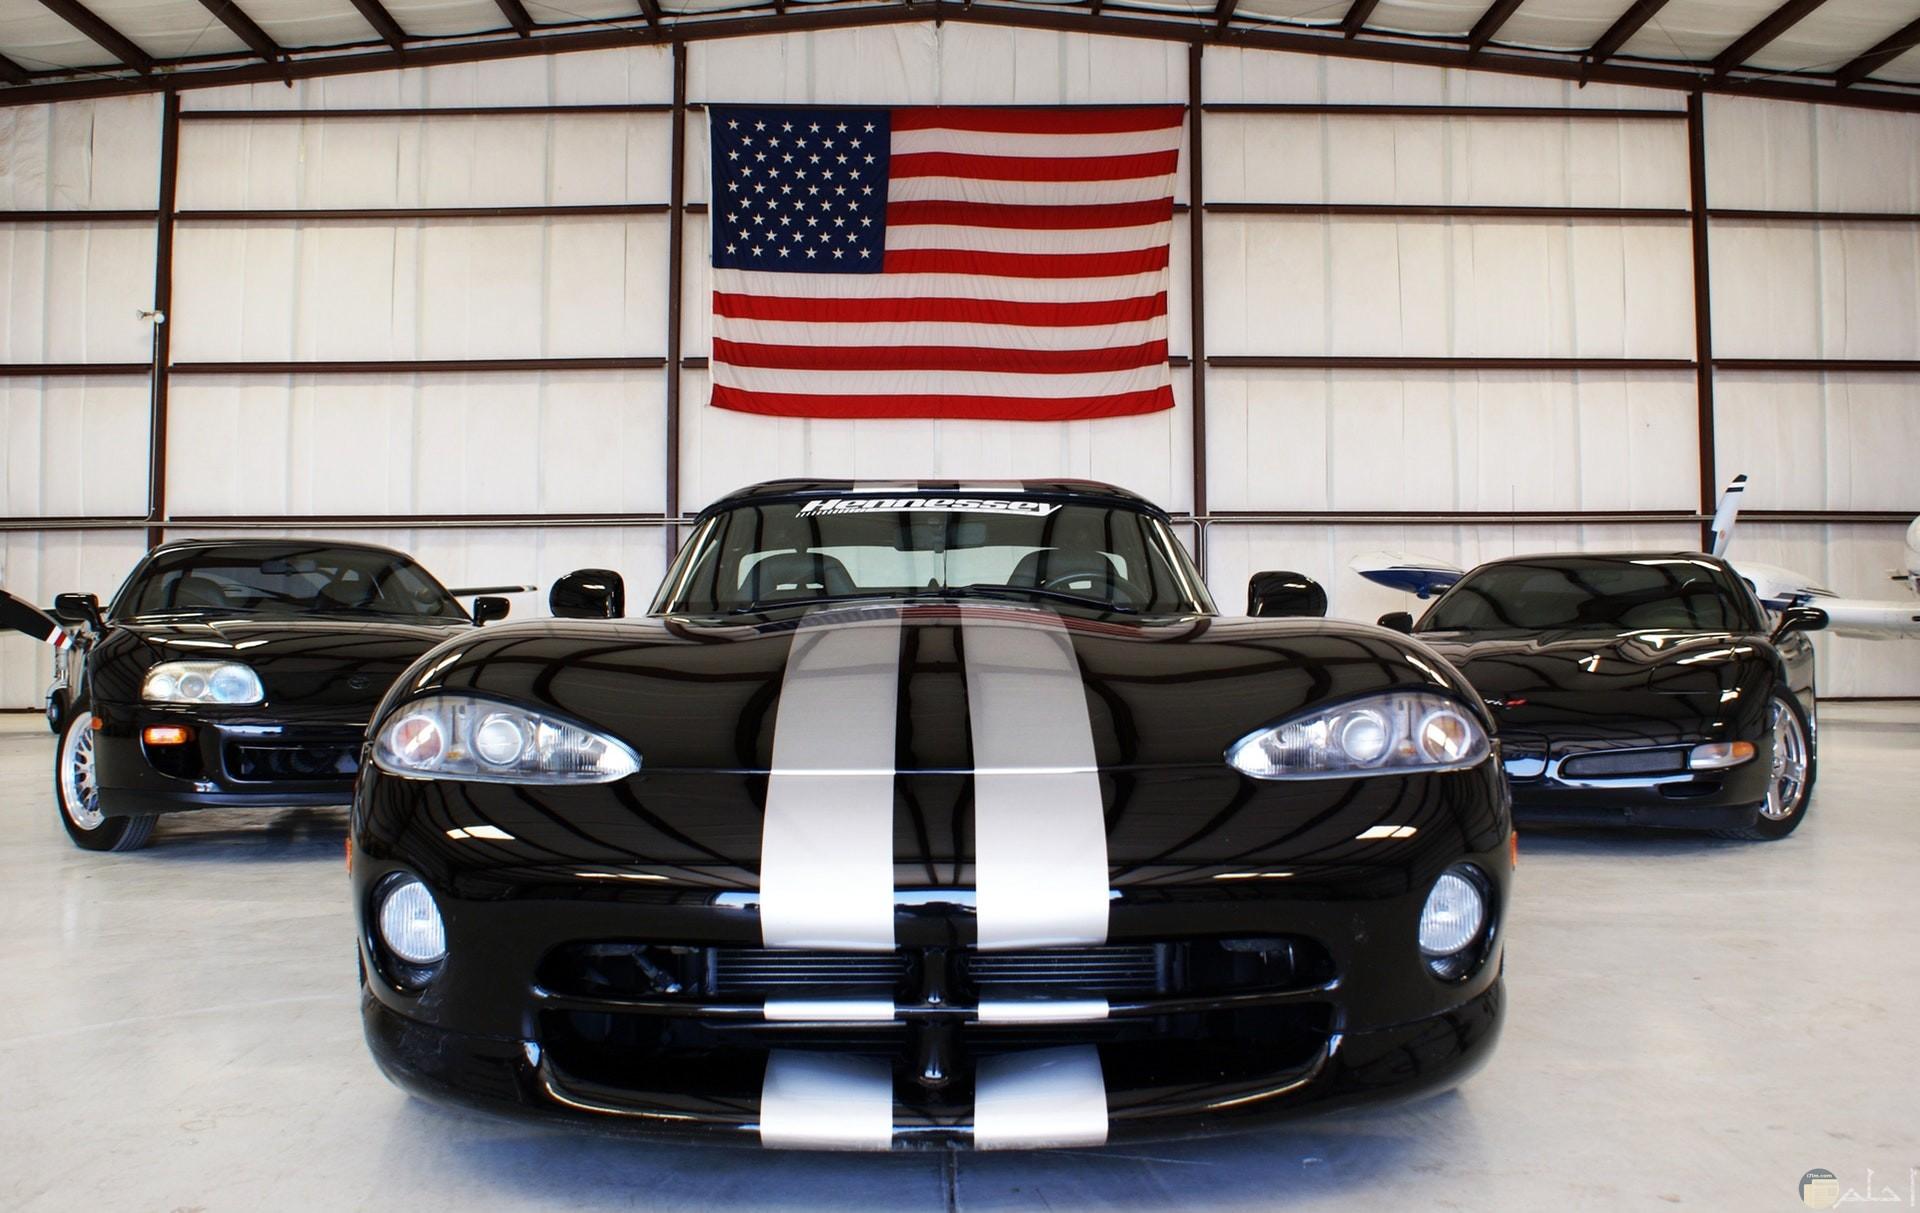 صورة مميزة لسيارة شيفورليه سوداء مع علم أمريكي معلق خلفها